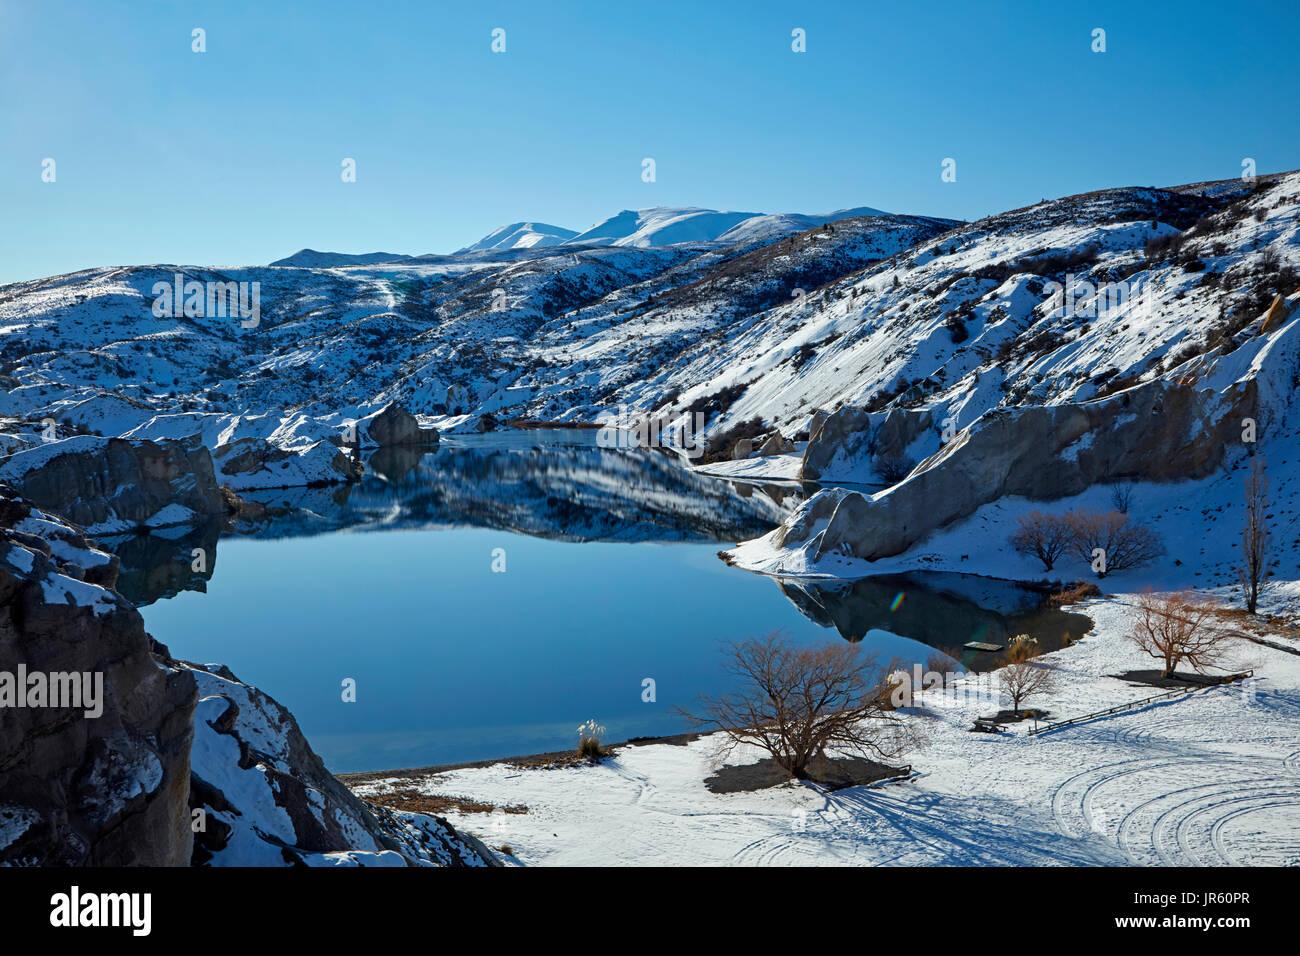 La nieve alrededor de el lago Azul, St Bathans, Maniototo, Central Otago, Isla del Sur, Nueva Zelanda Imagen De Stock